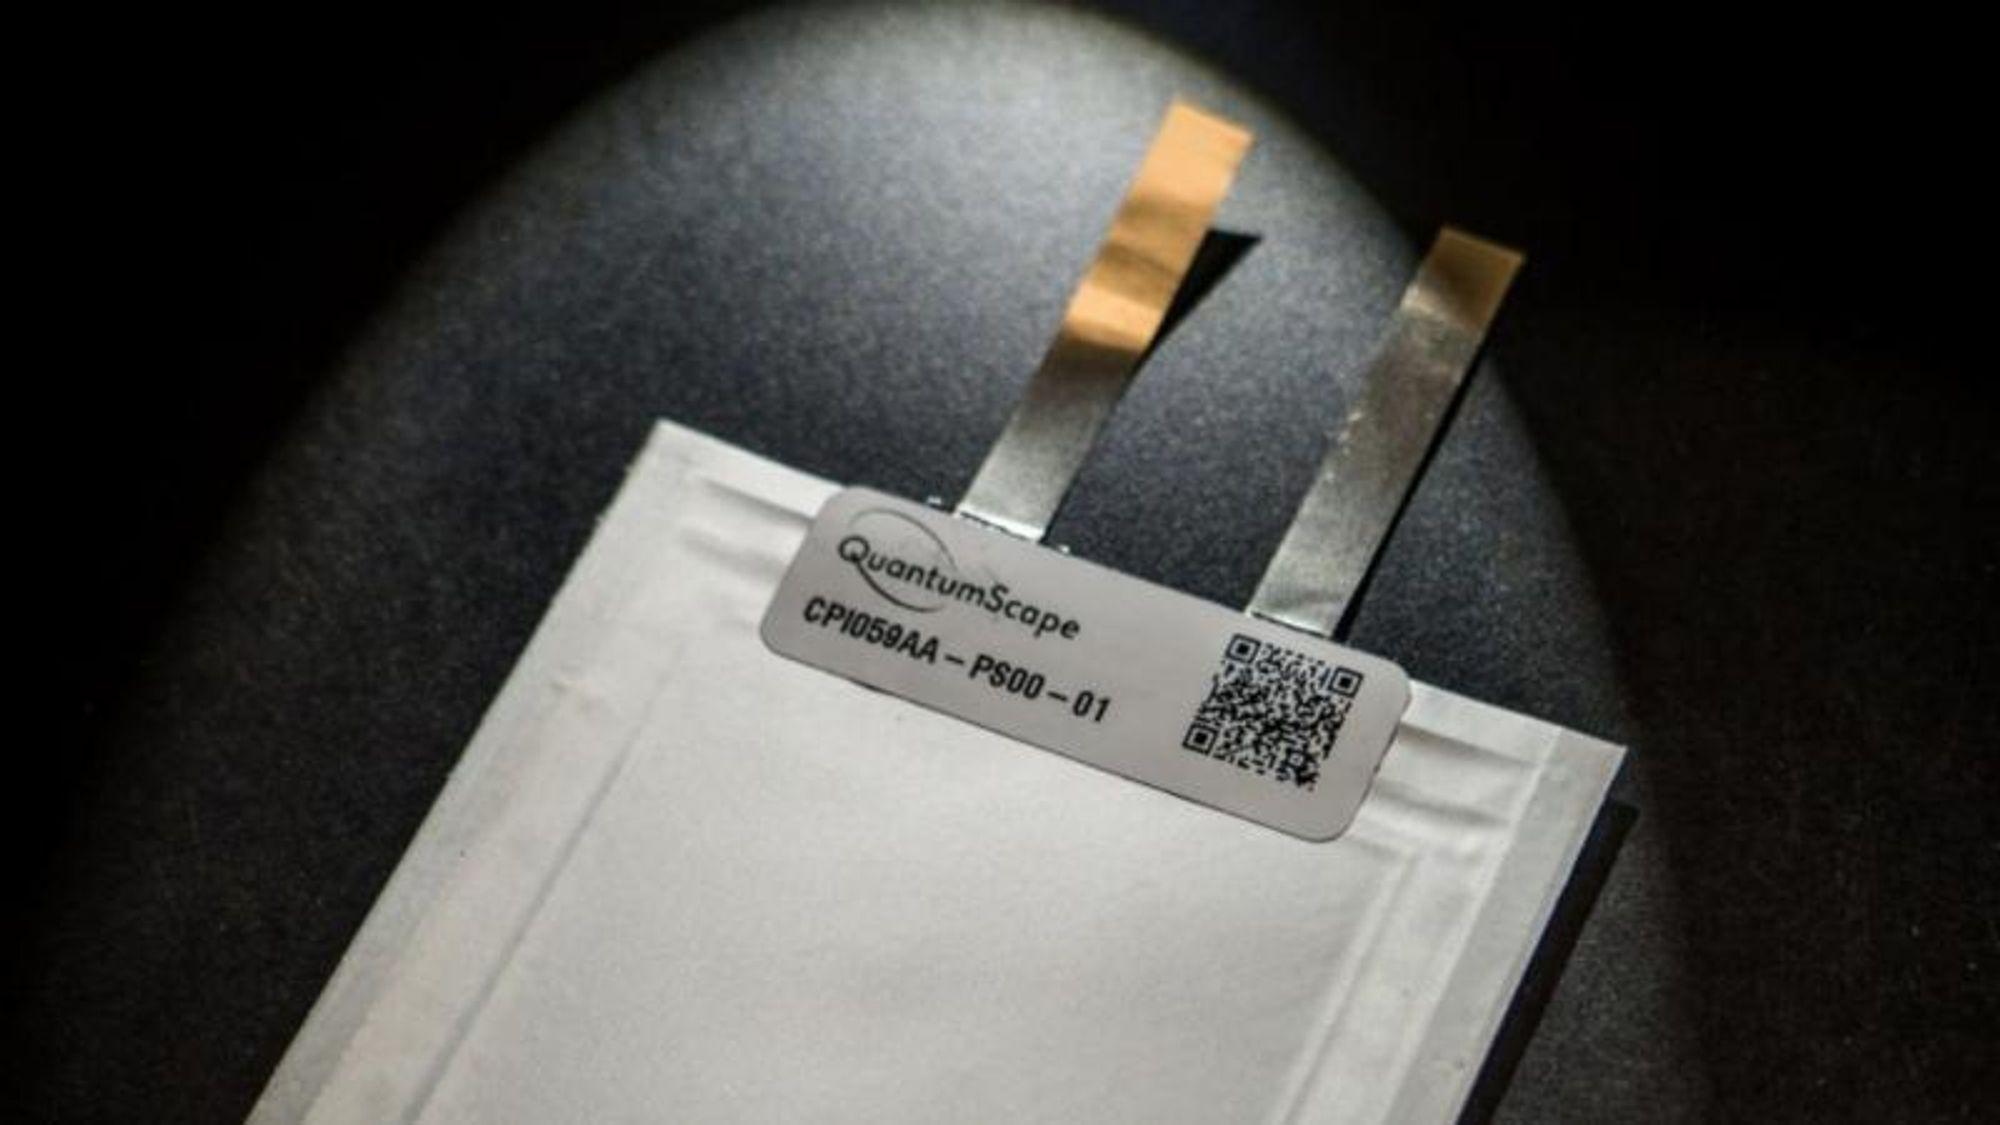 Faststoffbatterier skiller seg fra litiumionbatteriene som brukes i dag ved at elektrolytten ikke er flytende, men består av fast materiale. Dette er en battericelle fra Quantumscape.